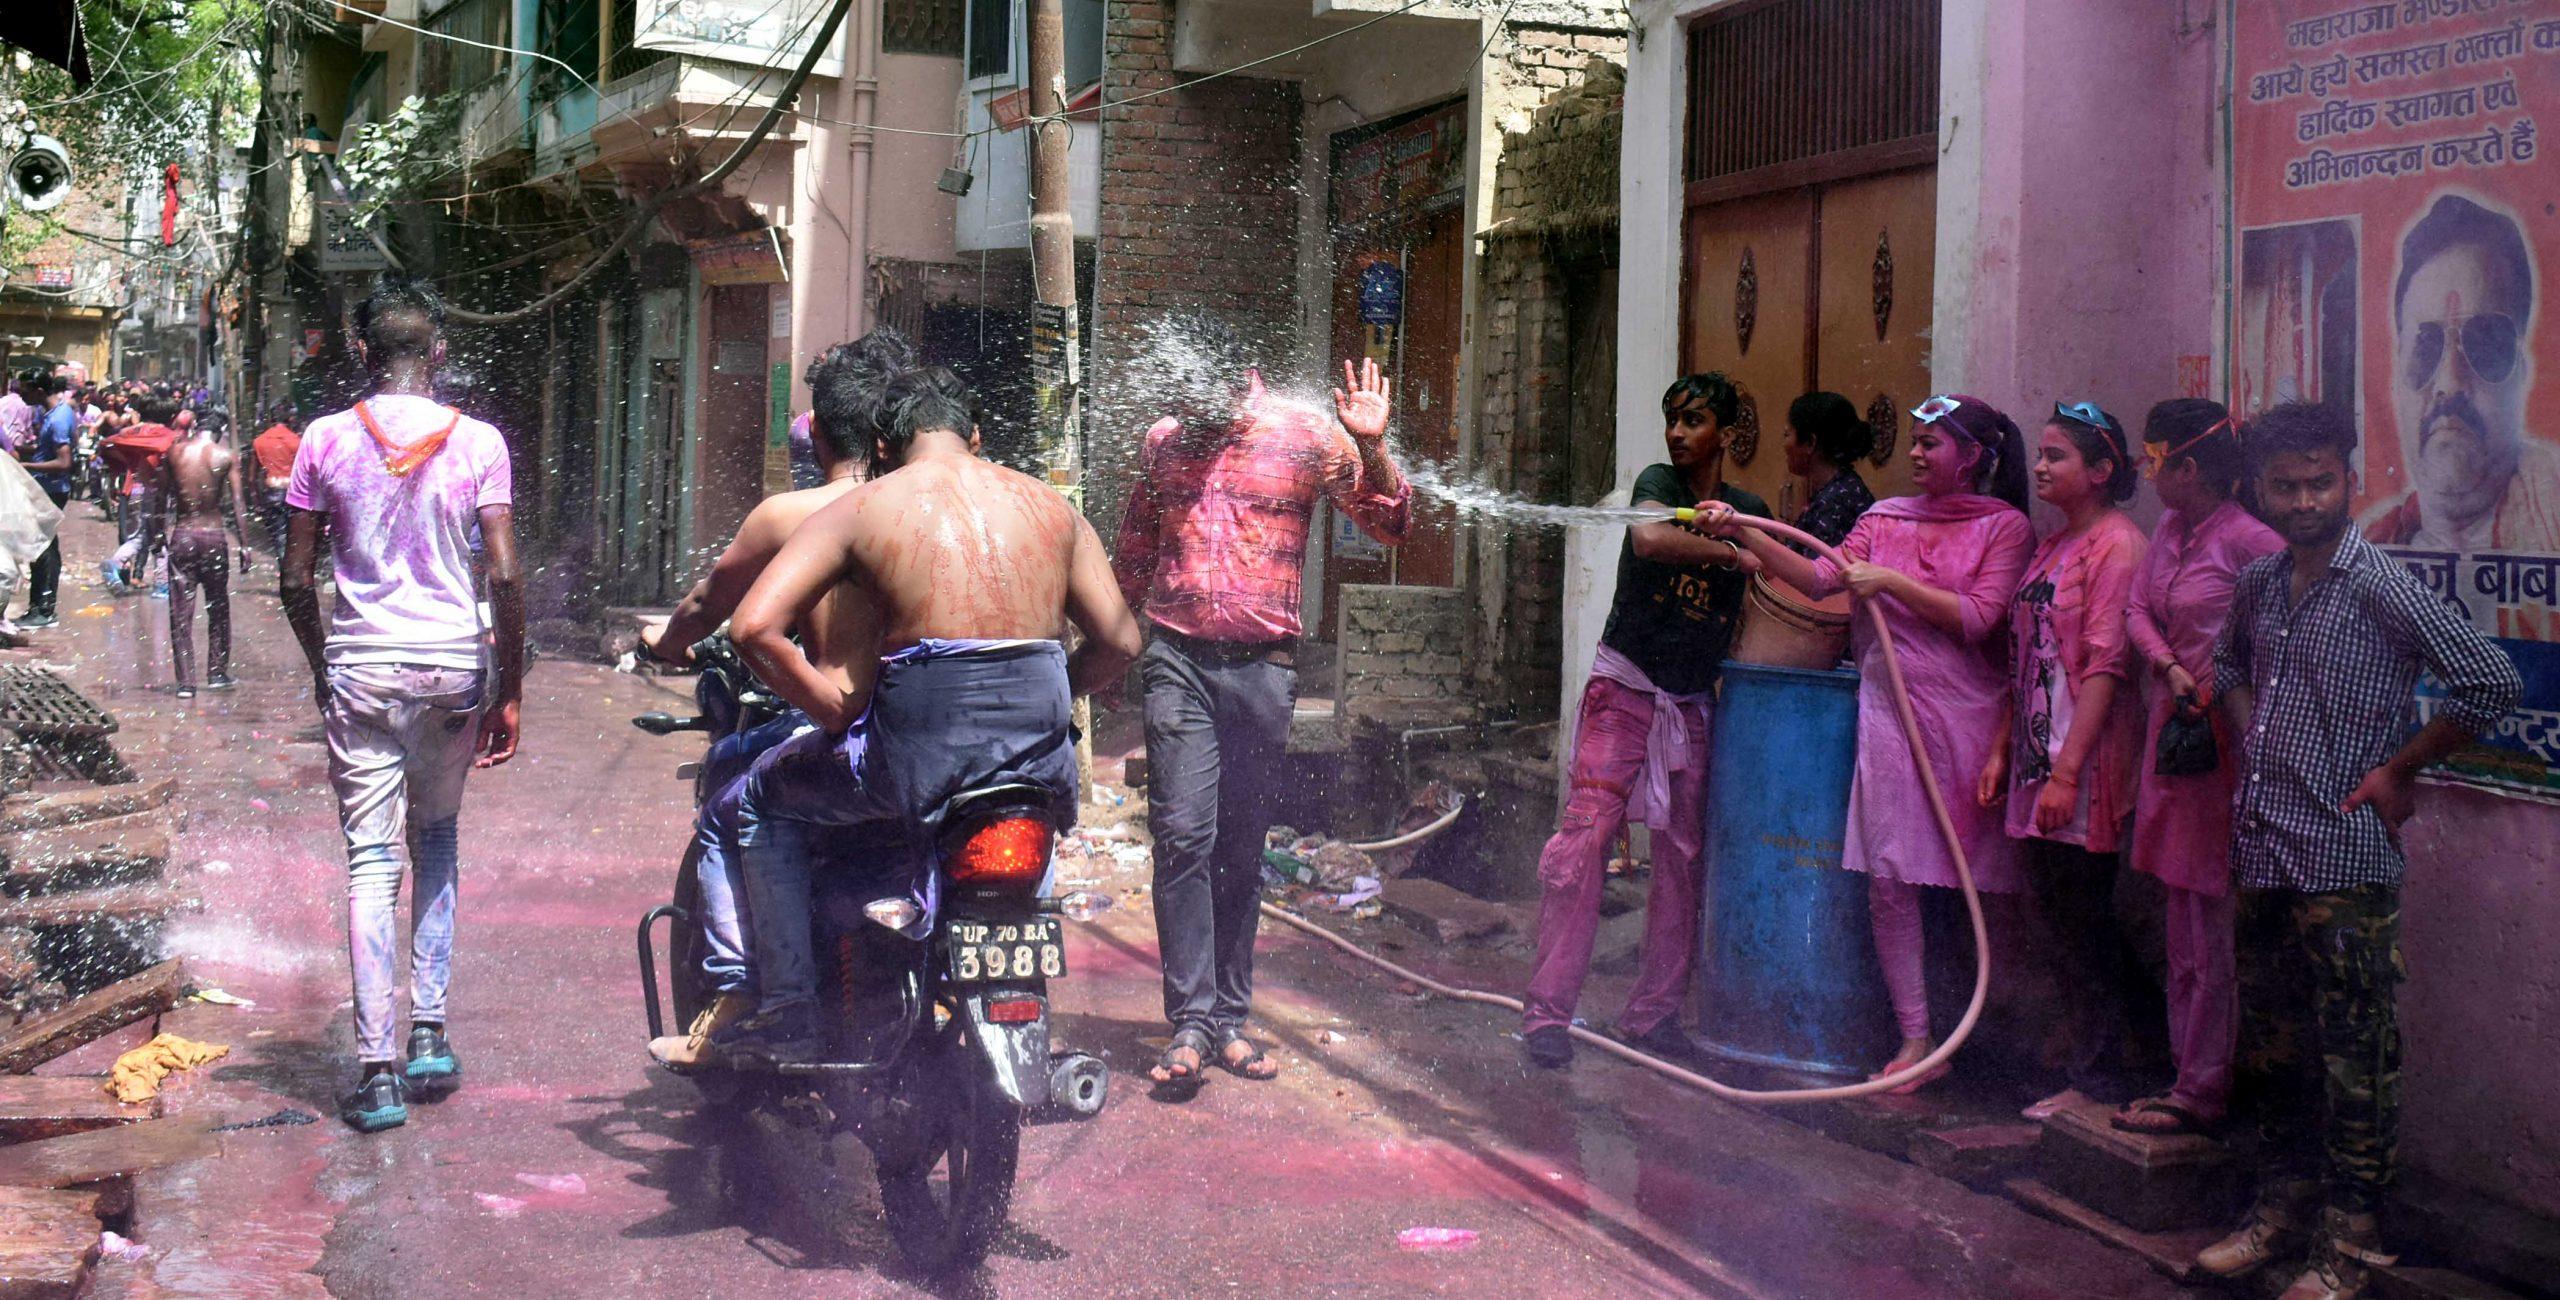 People celebrating Holi on street